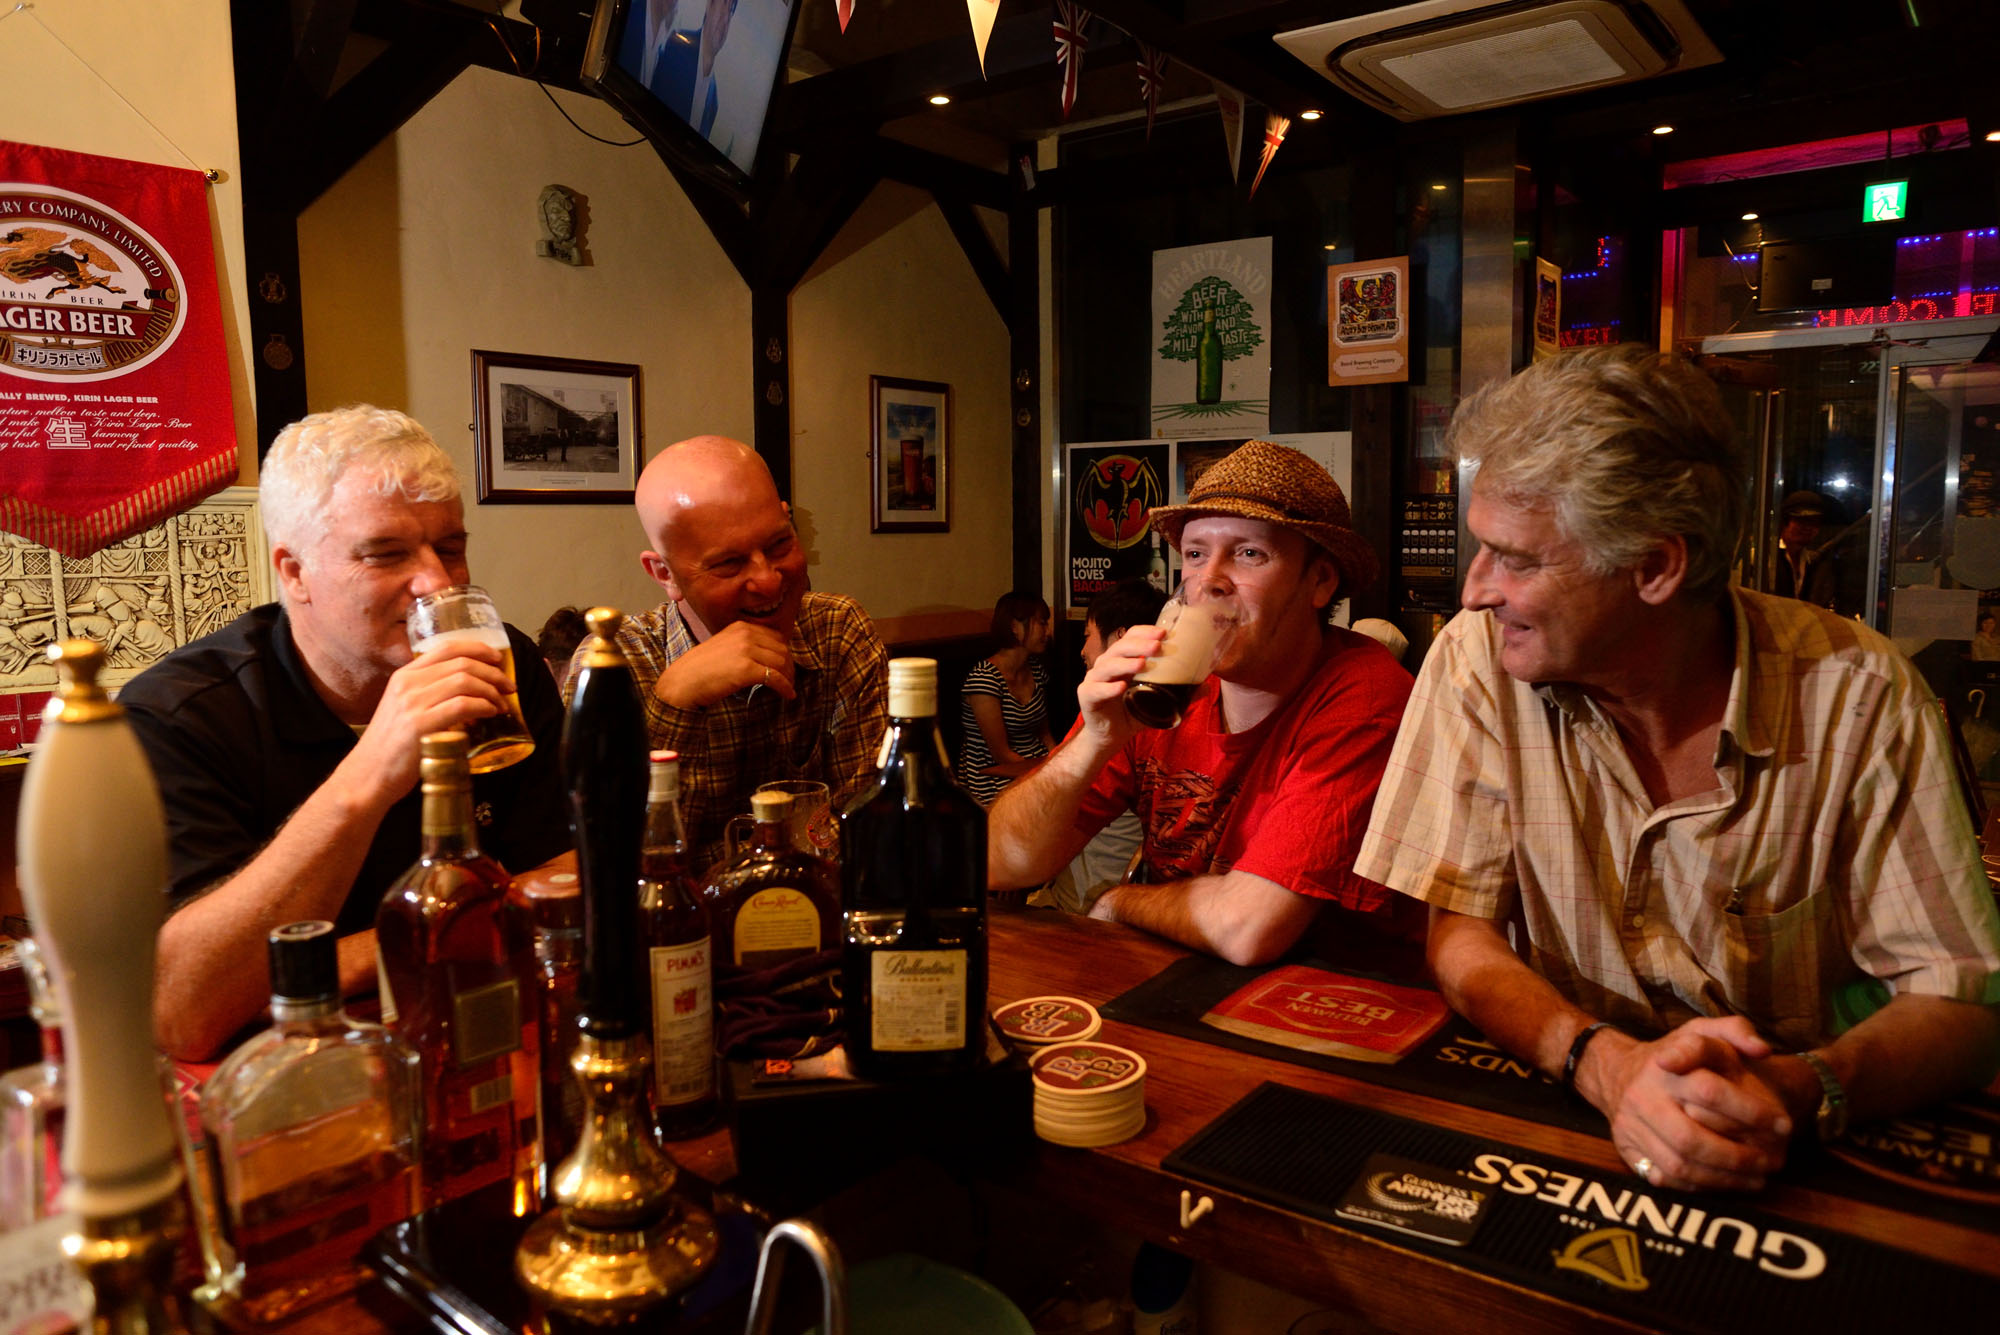 パブでエールやサイダーを楽しむイギリスやオーストラリア、フランスの仲間。語らいを楽しみに集うの泥酔する人はあまりいない。